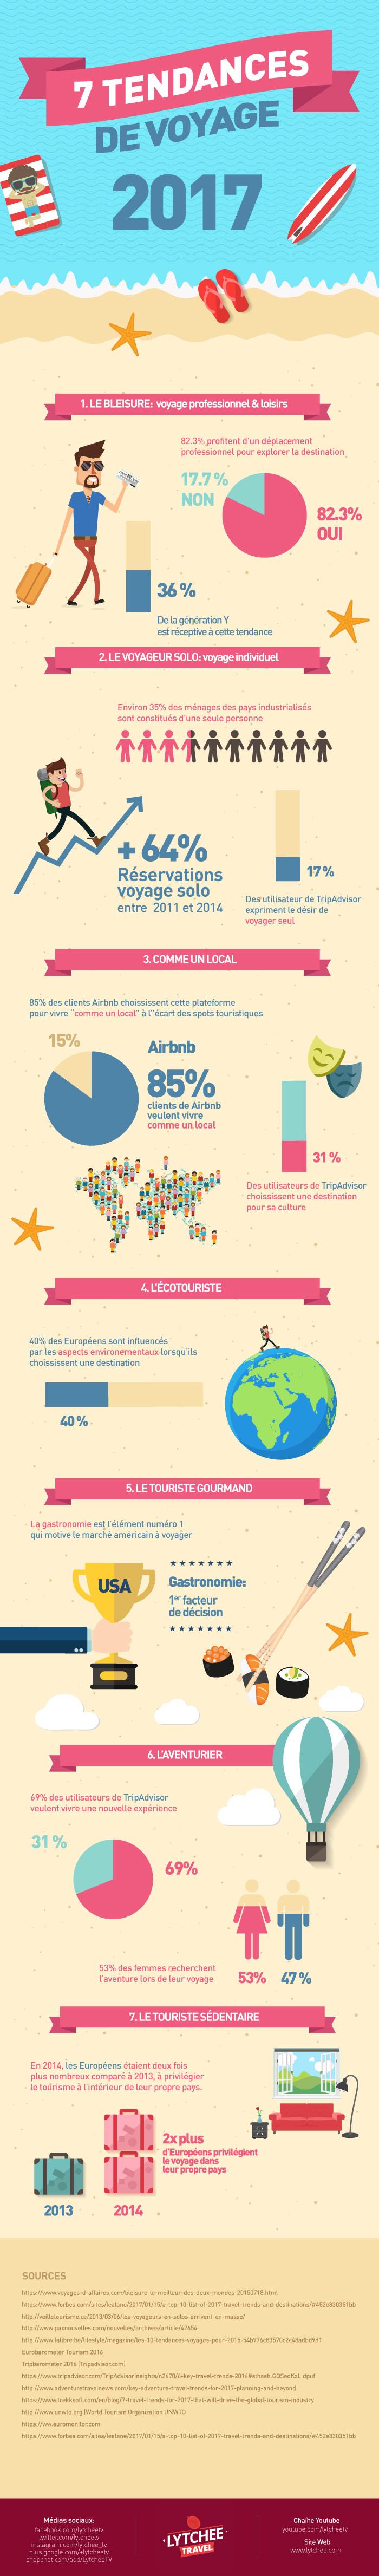 7 tendances de voyage 2017 - Lytchee Travel (infographie)